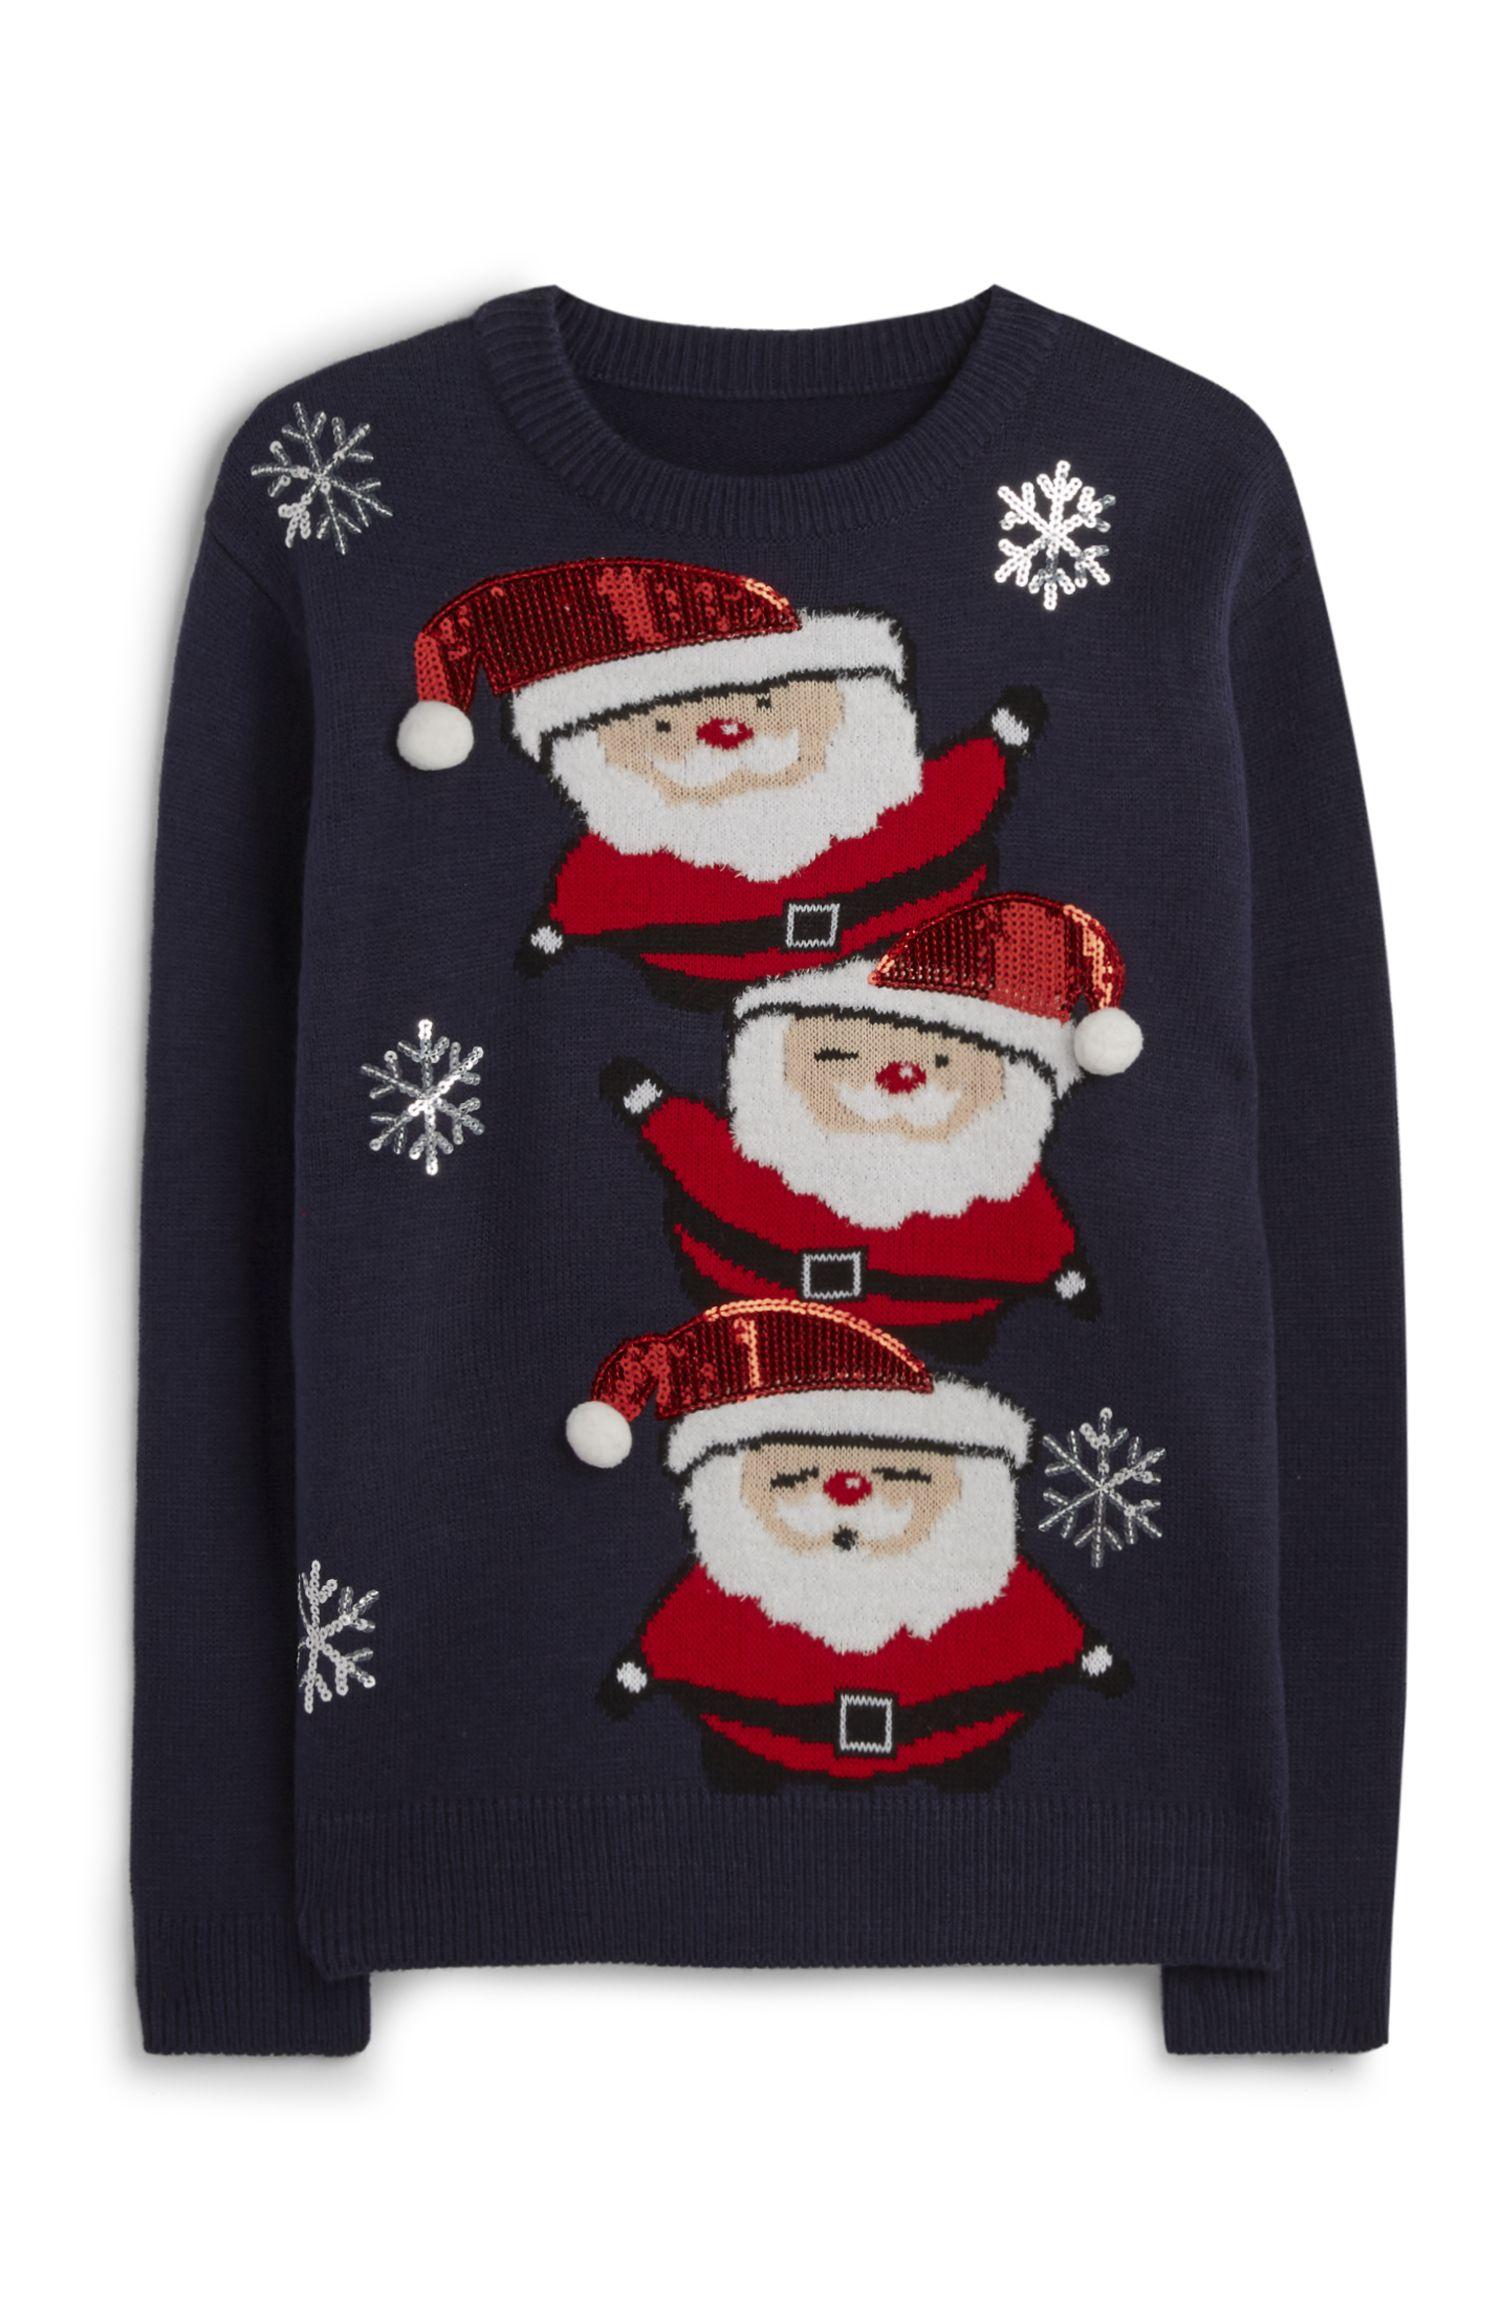 SKIING SANTA CLAUS MENS NOVELTY XMAS FATHER CHRISTMAS SWEATSHIRT JUMPER